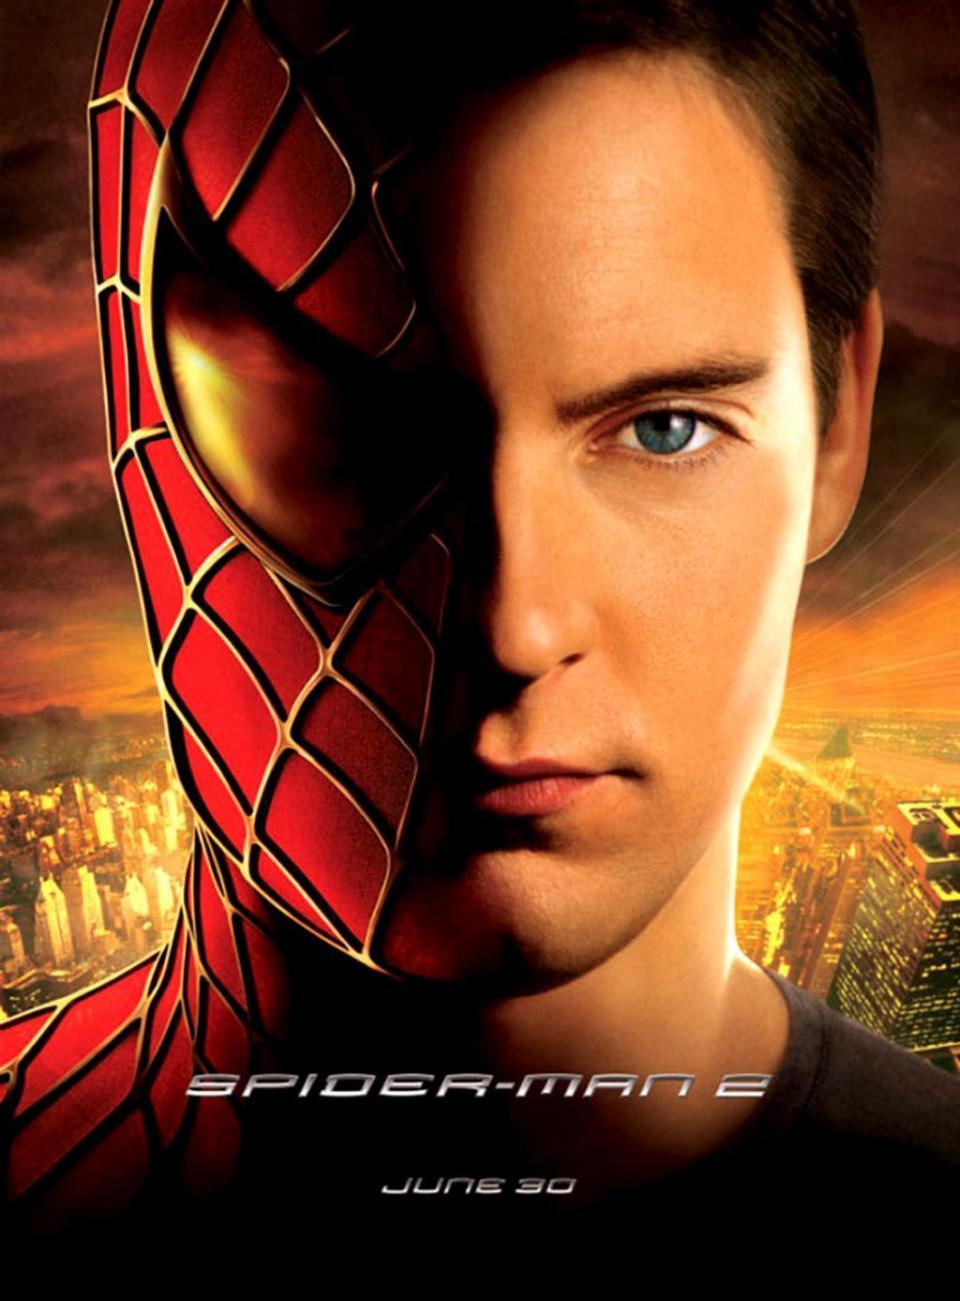 蜘蛛侠:英雄归来 - 电影 - 豆瓣